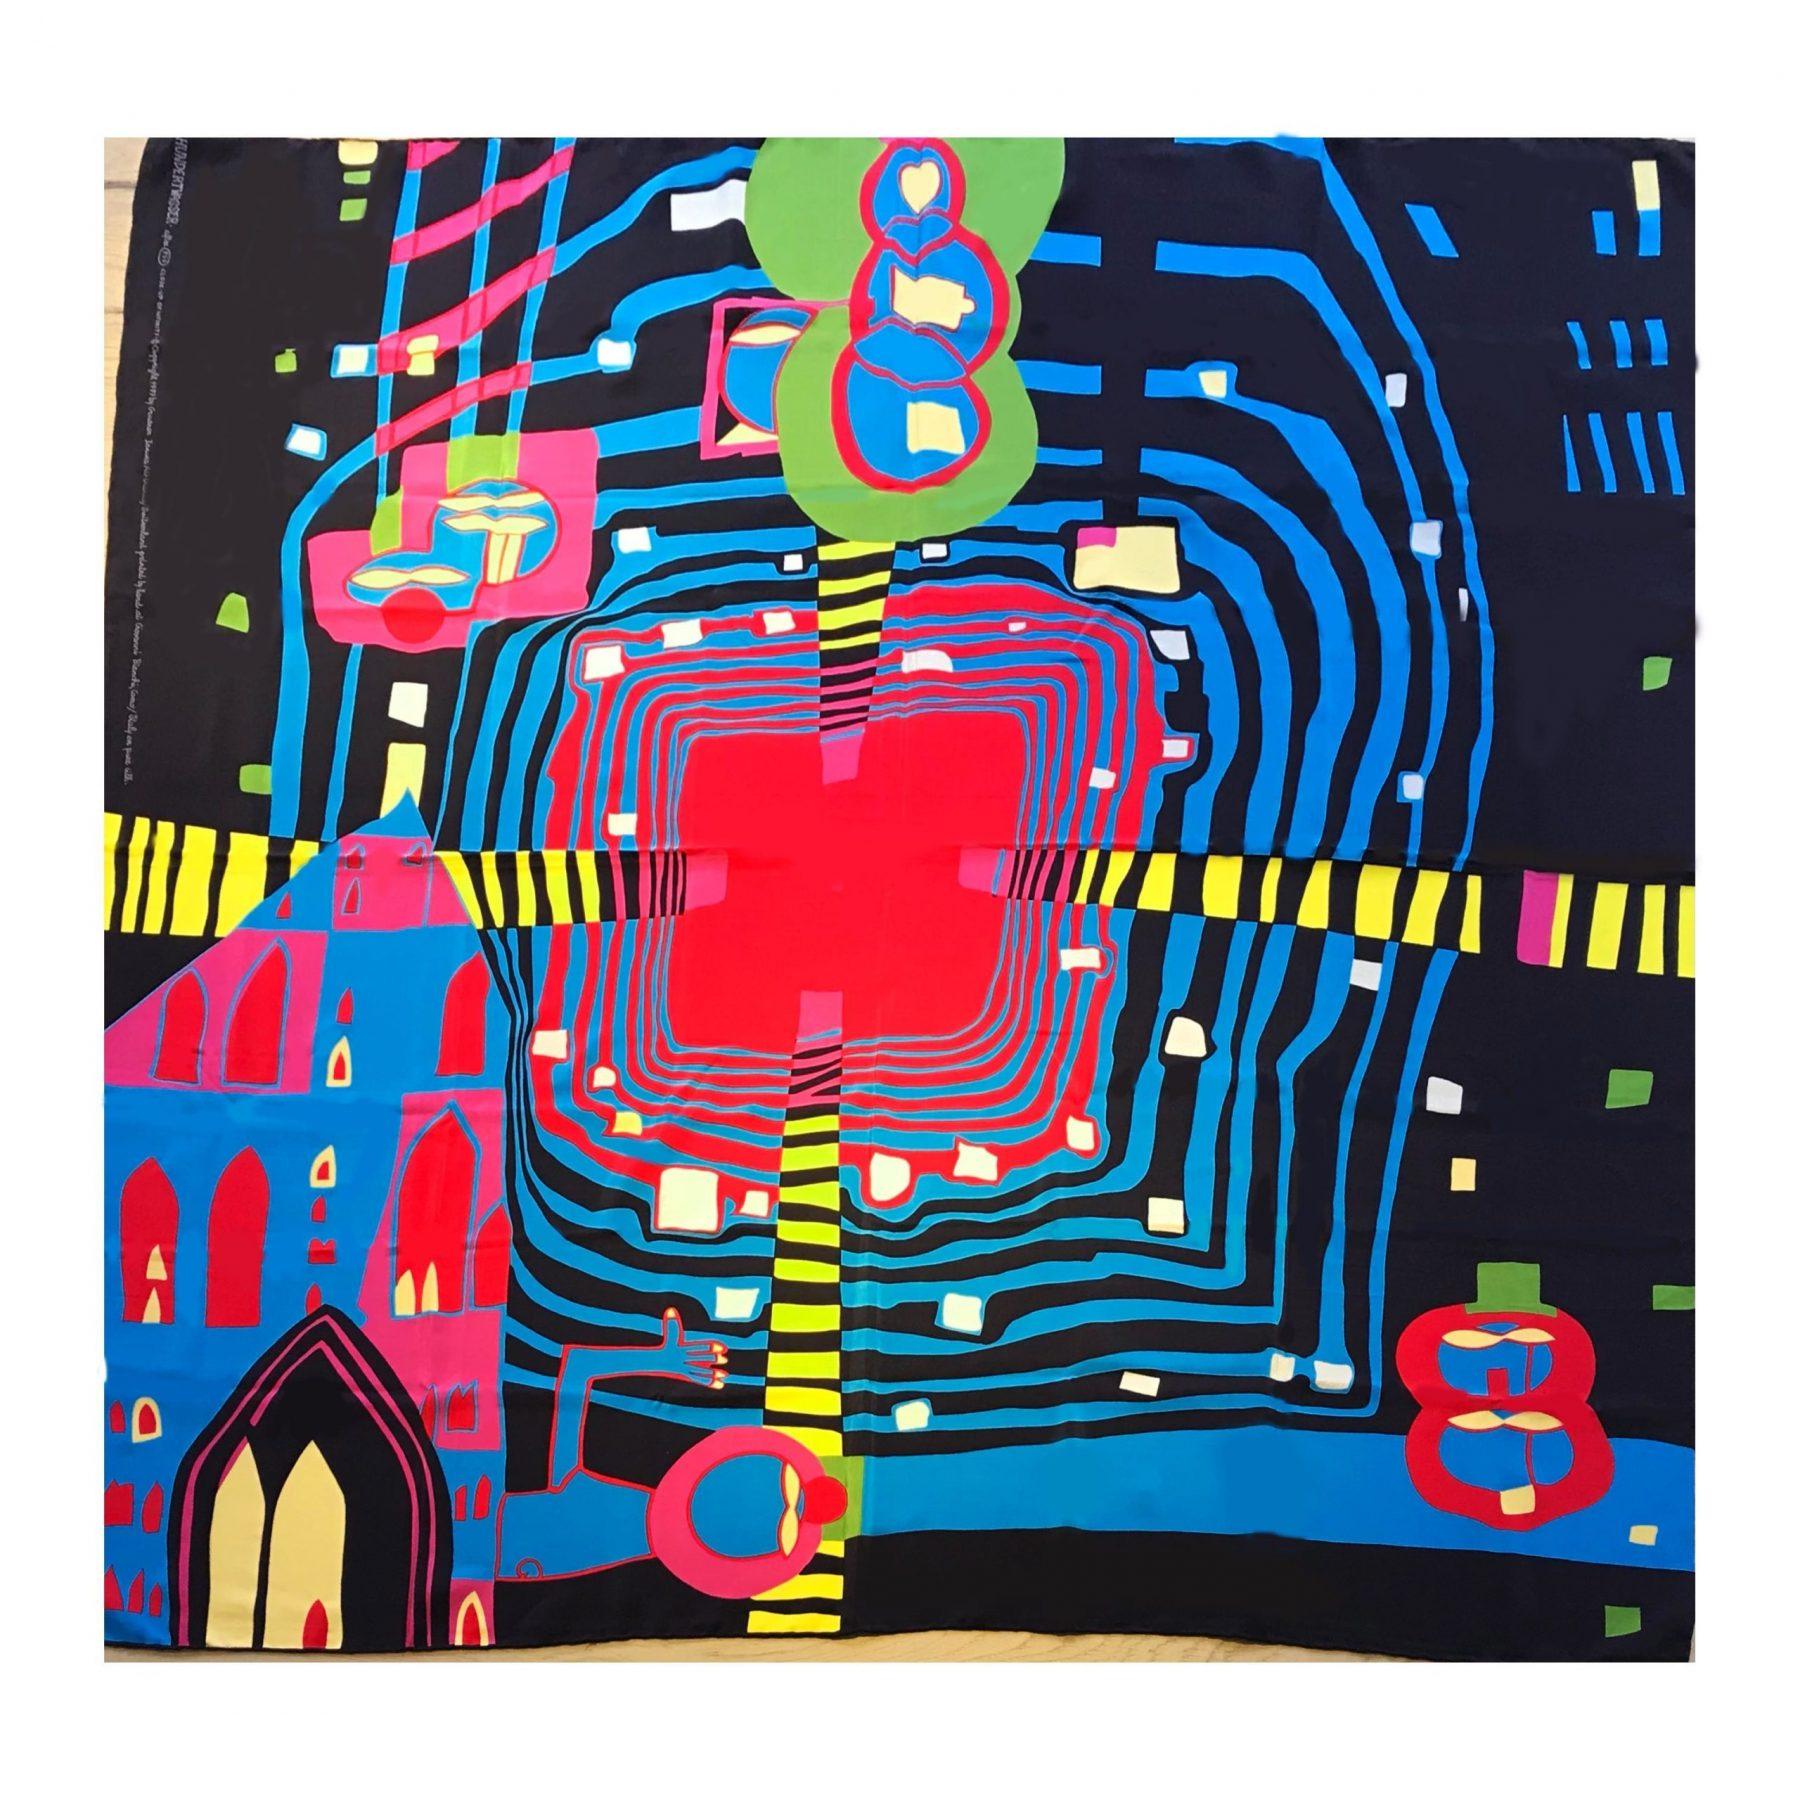 """Seidentuch """"close up of infini - Hundertwasser, Friedensreich - k-11677"""